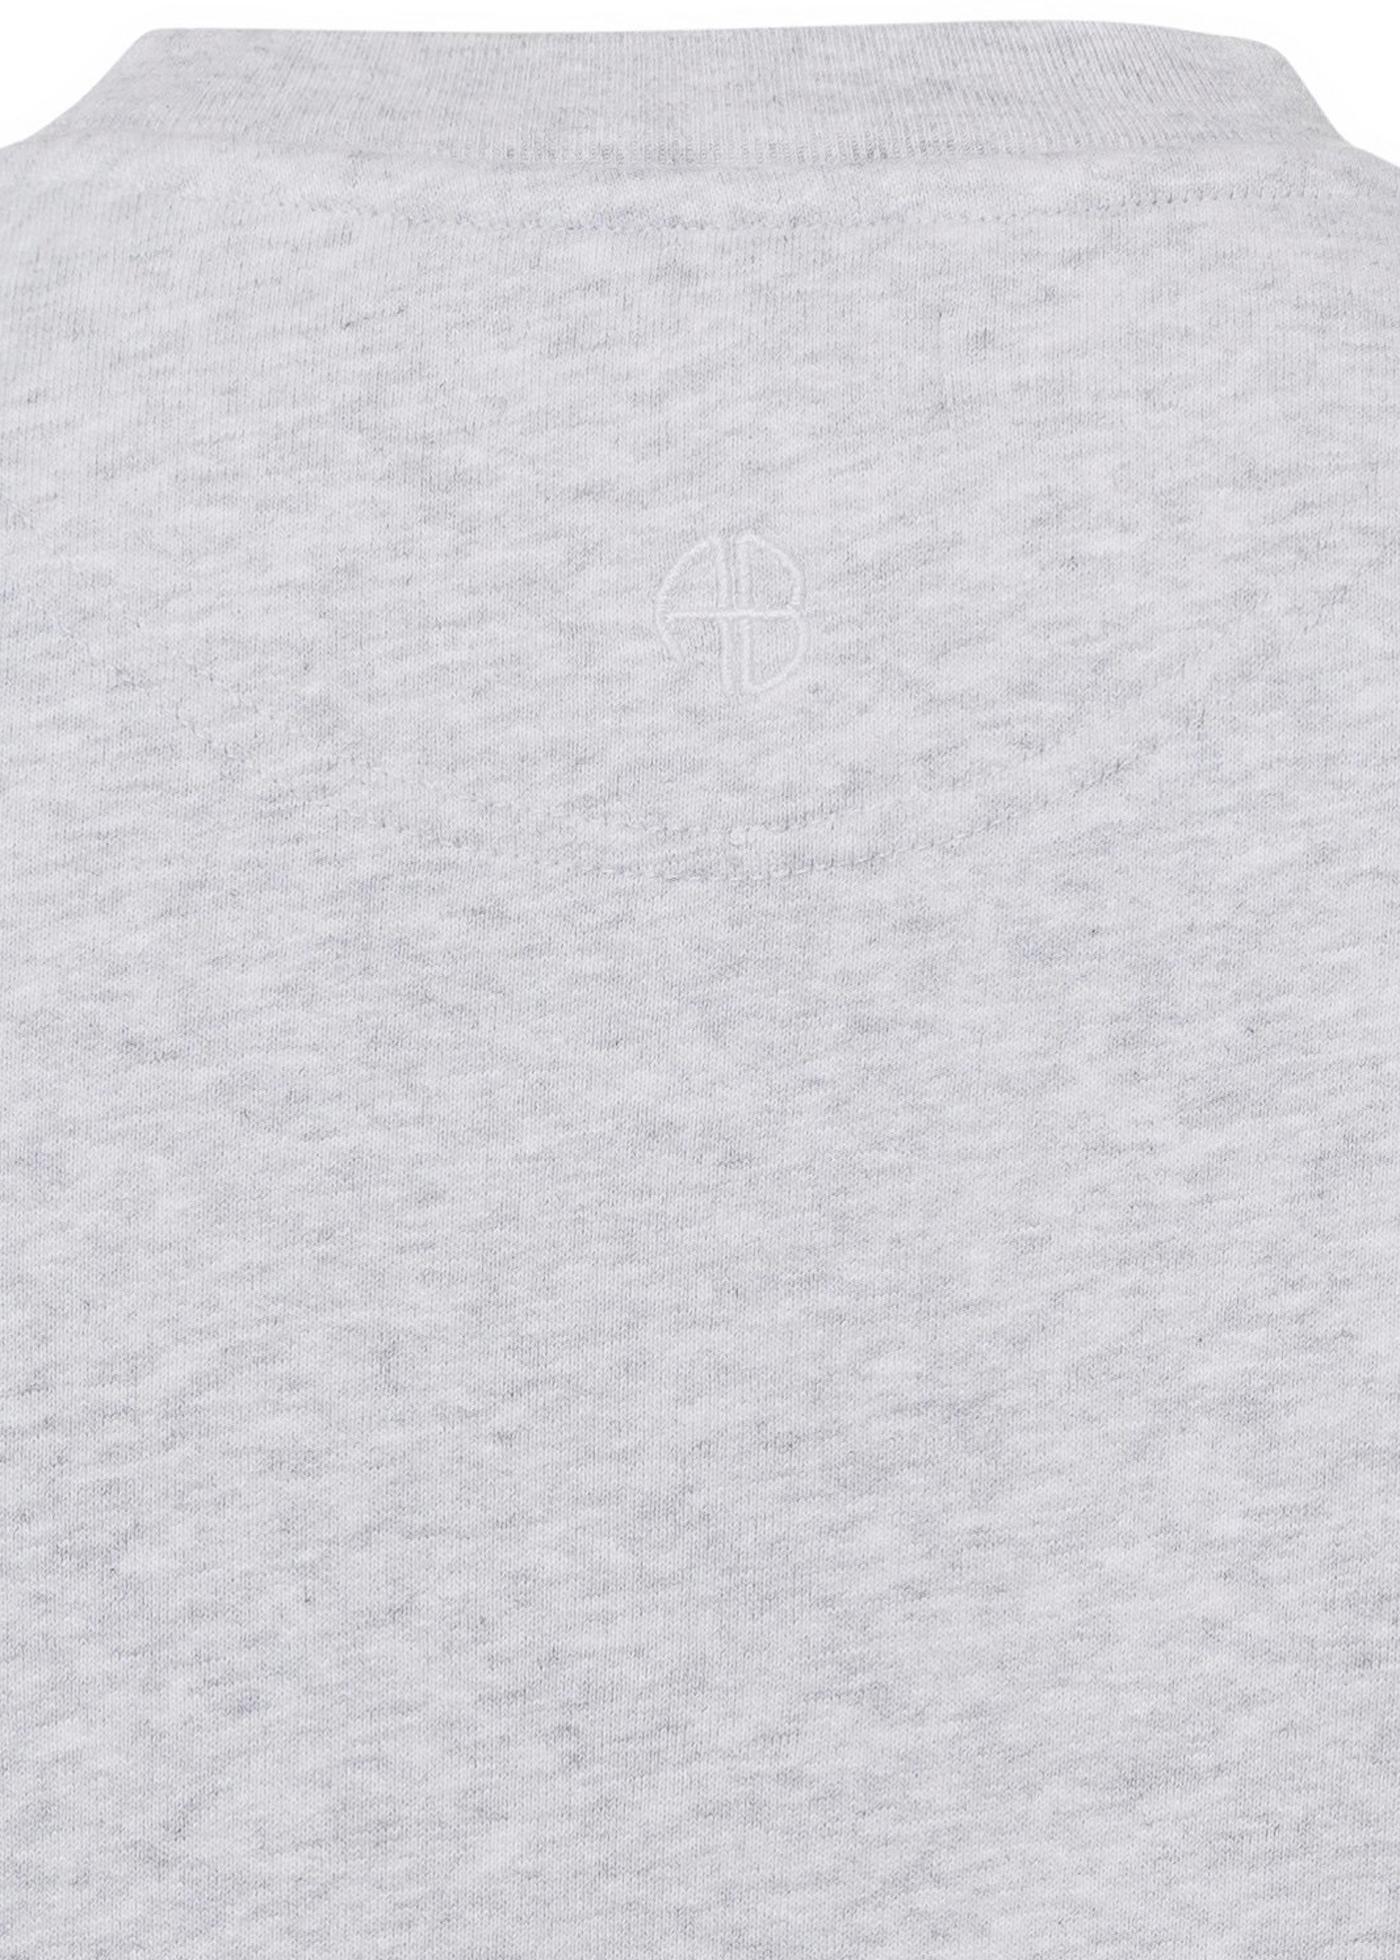 RAMONA SWEATSHIRT AB X TO KATE MOSS - HEATHER GREY image number 3